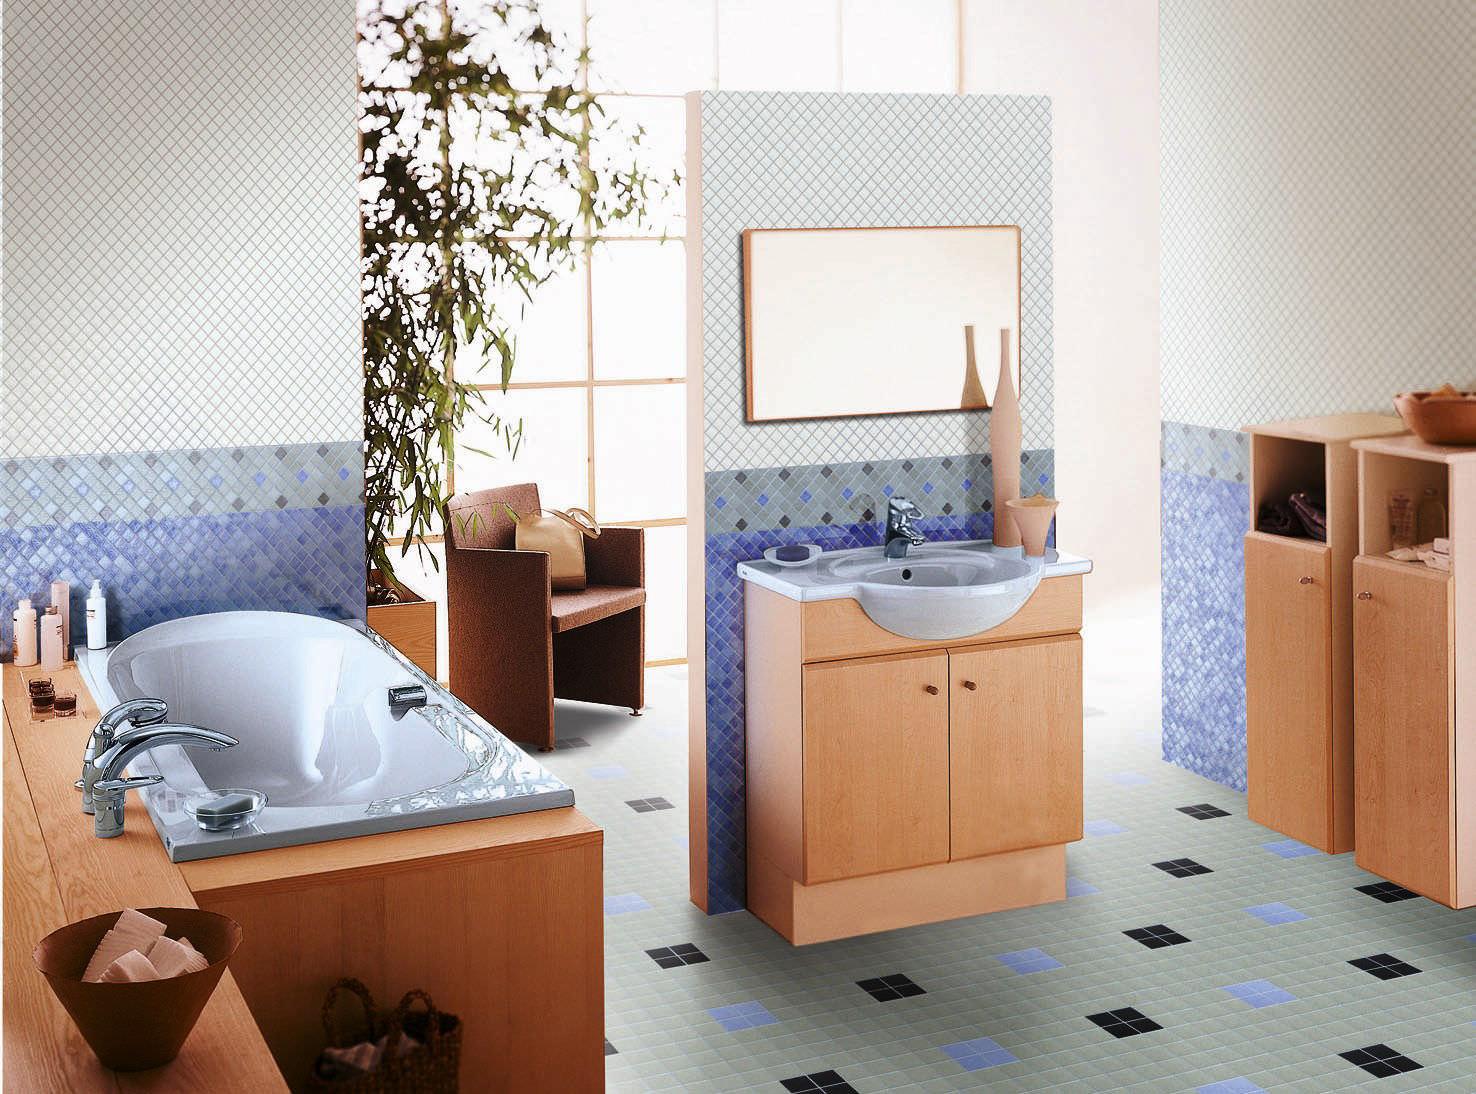 Magasin Meuble Salle De Bain Pau ~ mosa que d int rieur de salle de bain au sol en c ramique